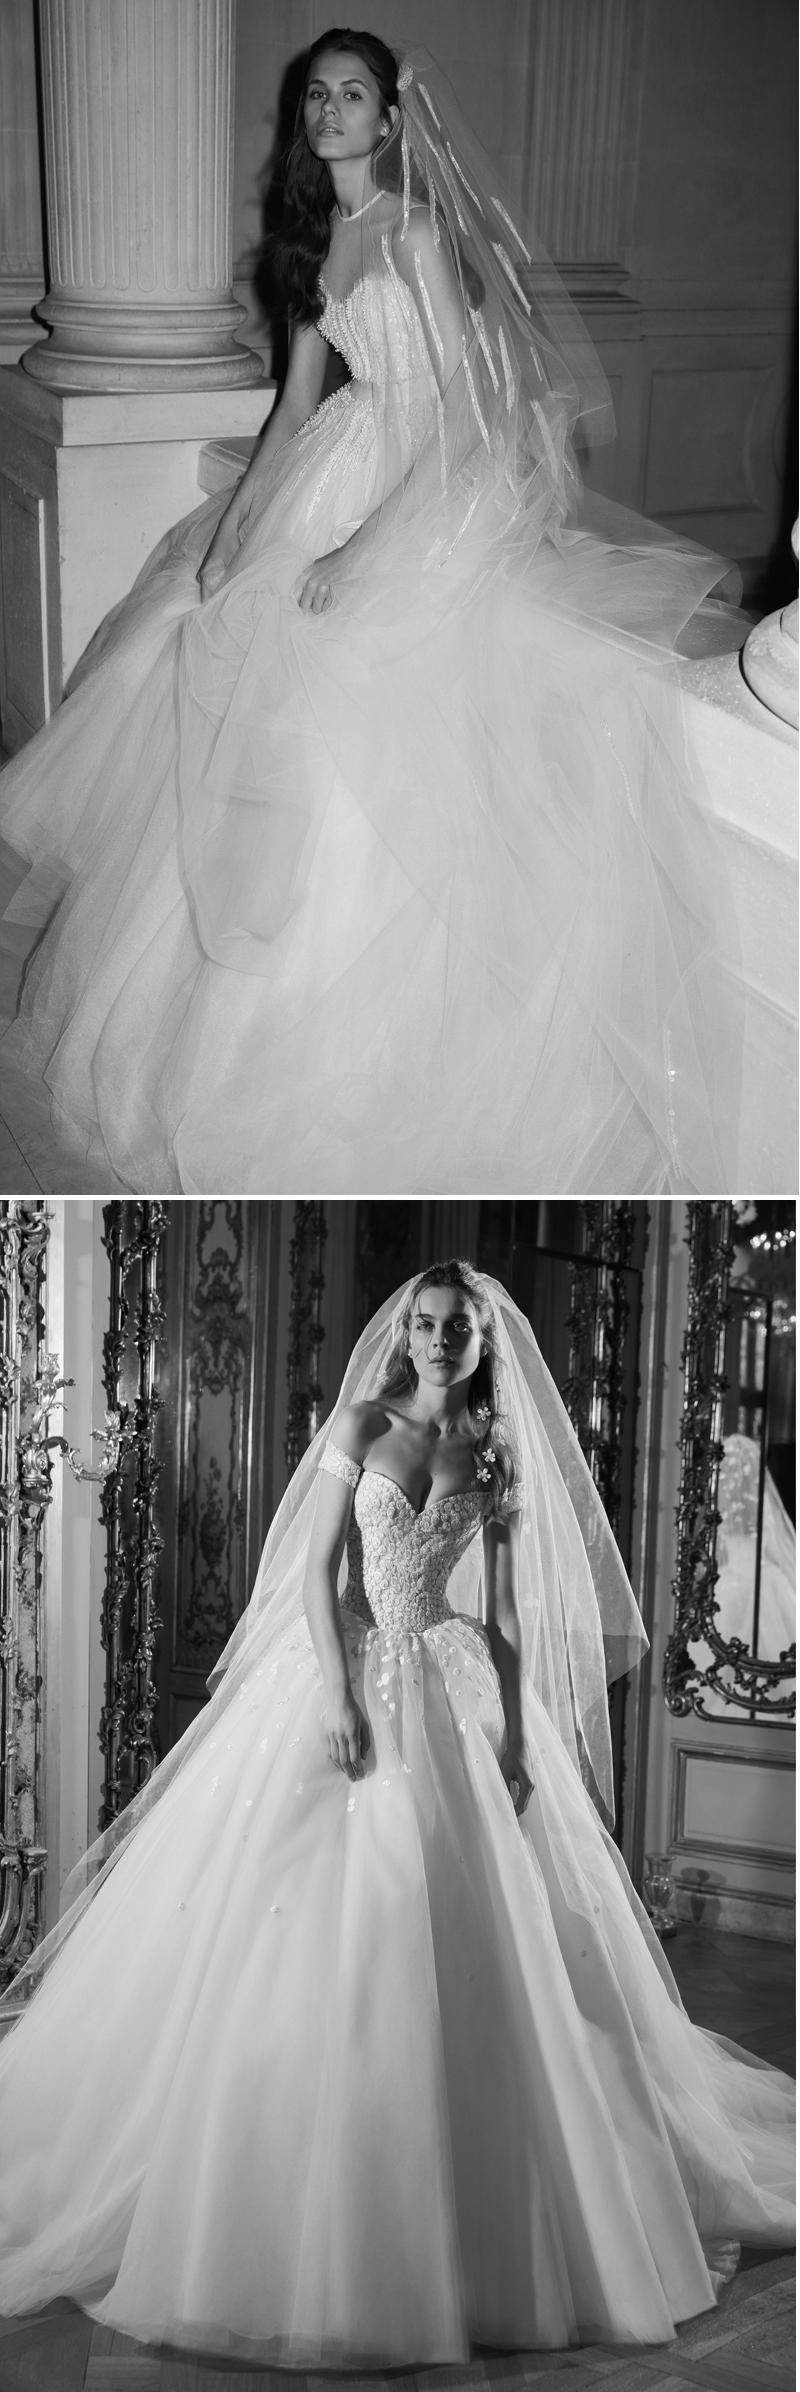 Enticing Bal De Elie Elie Saab Elie Saab Spring 2019 Bridal Elie Saab Spring 2019 Bridal Collection Wedding Magazine Elie Saab Wedding Dresses Spring 2018 Elie Saab Wedding Dresses 2015 wedding dress Elie Saab Wedding Dress